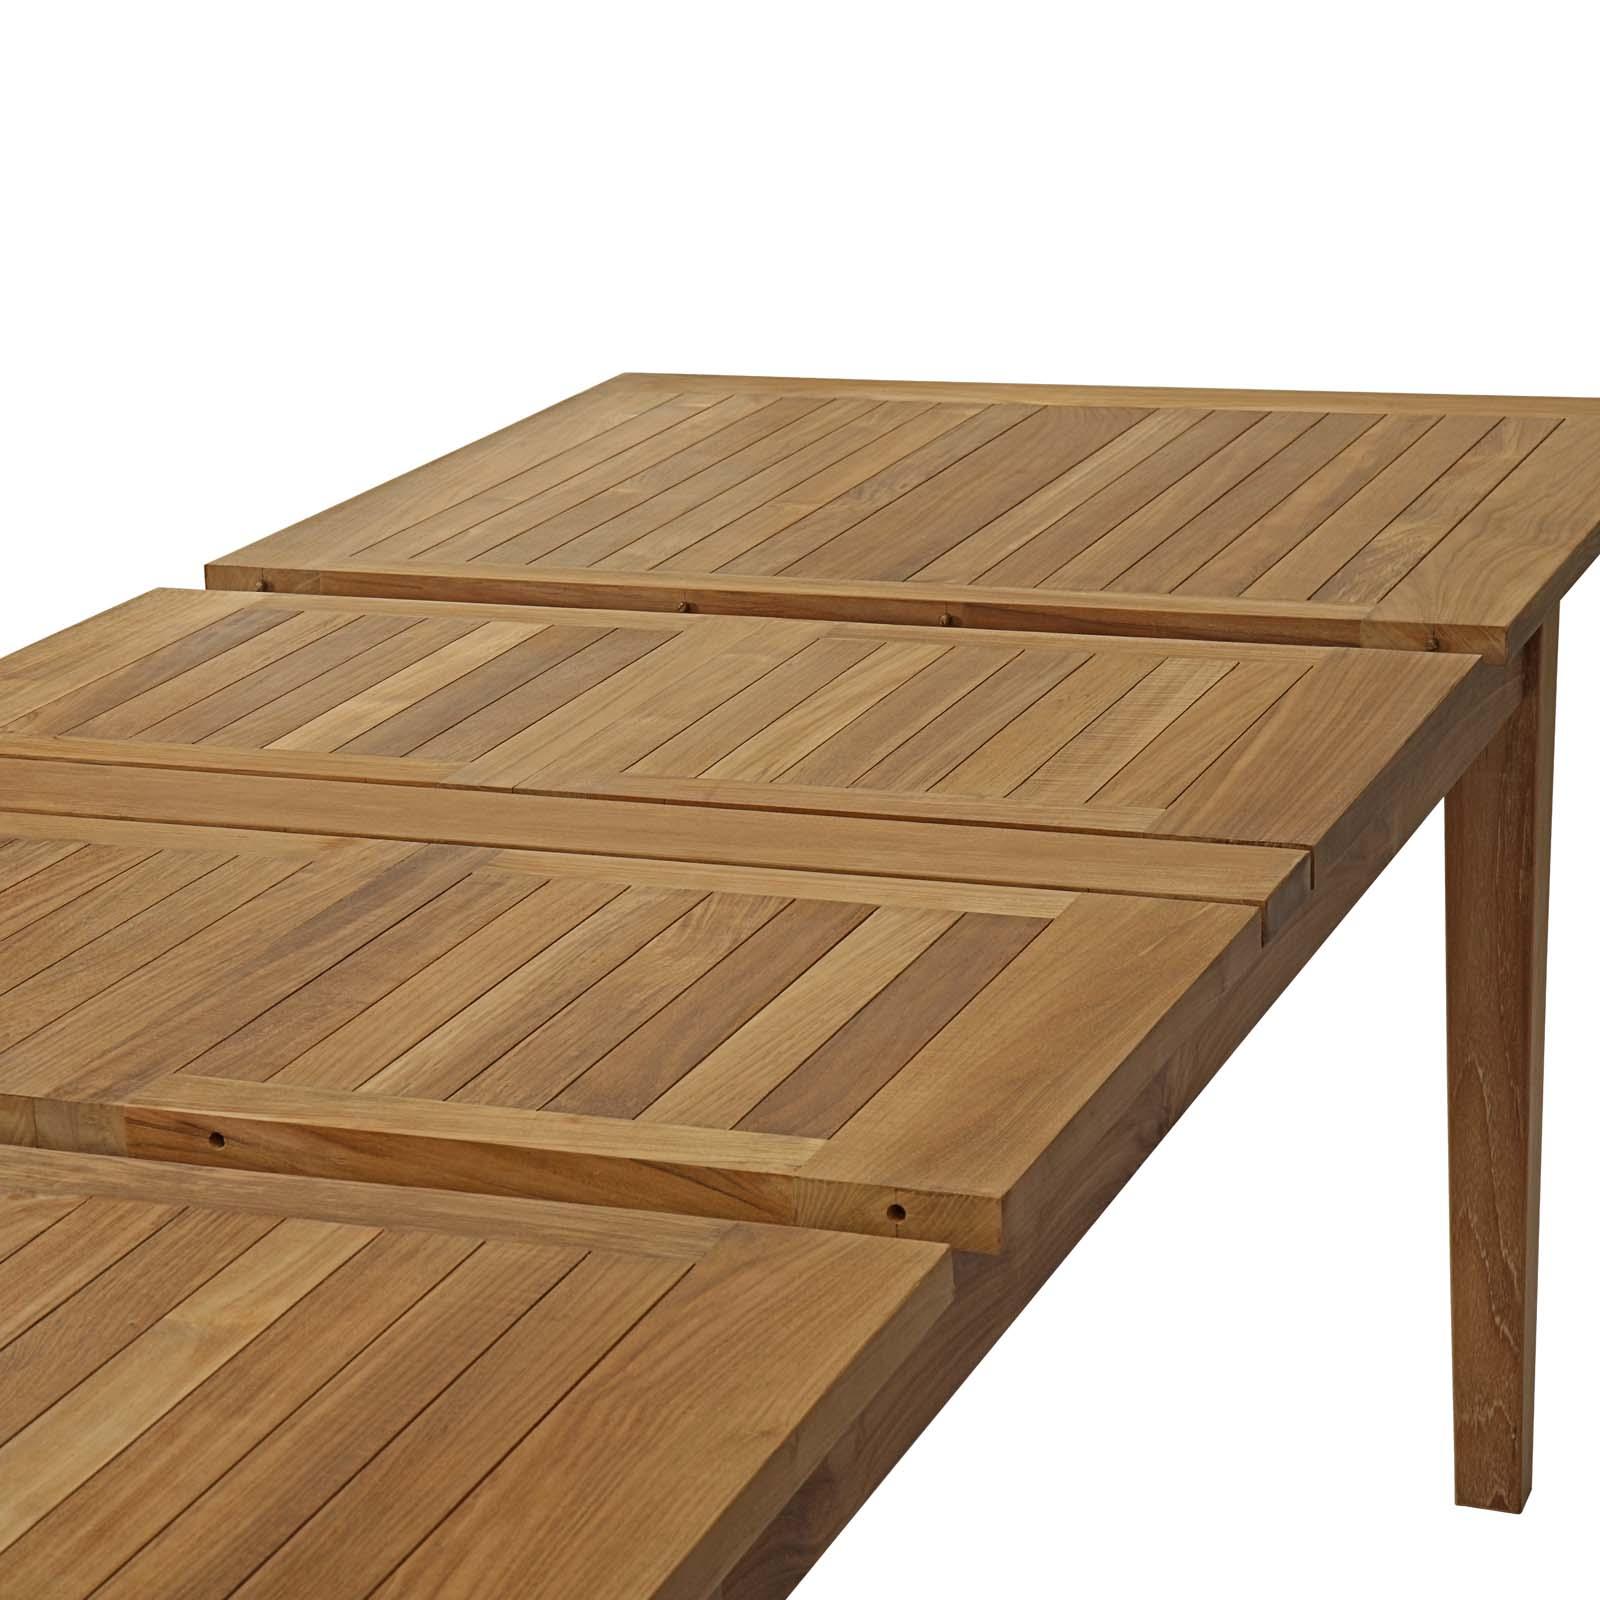 Patio Teak Dining Table Eei 2714